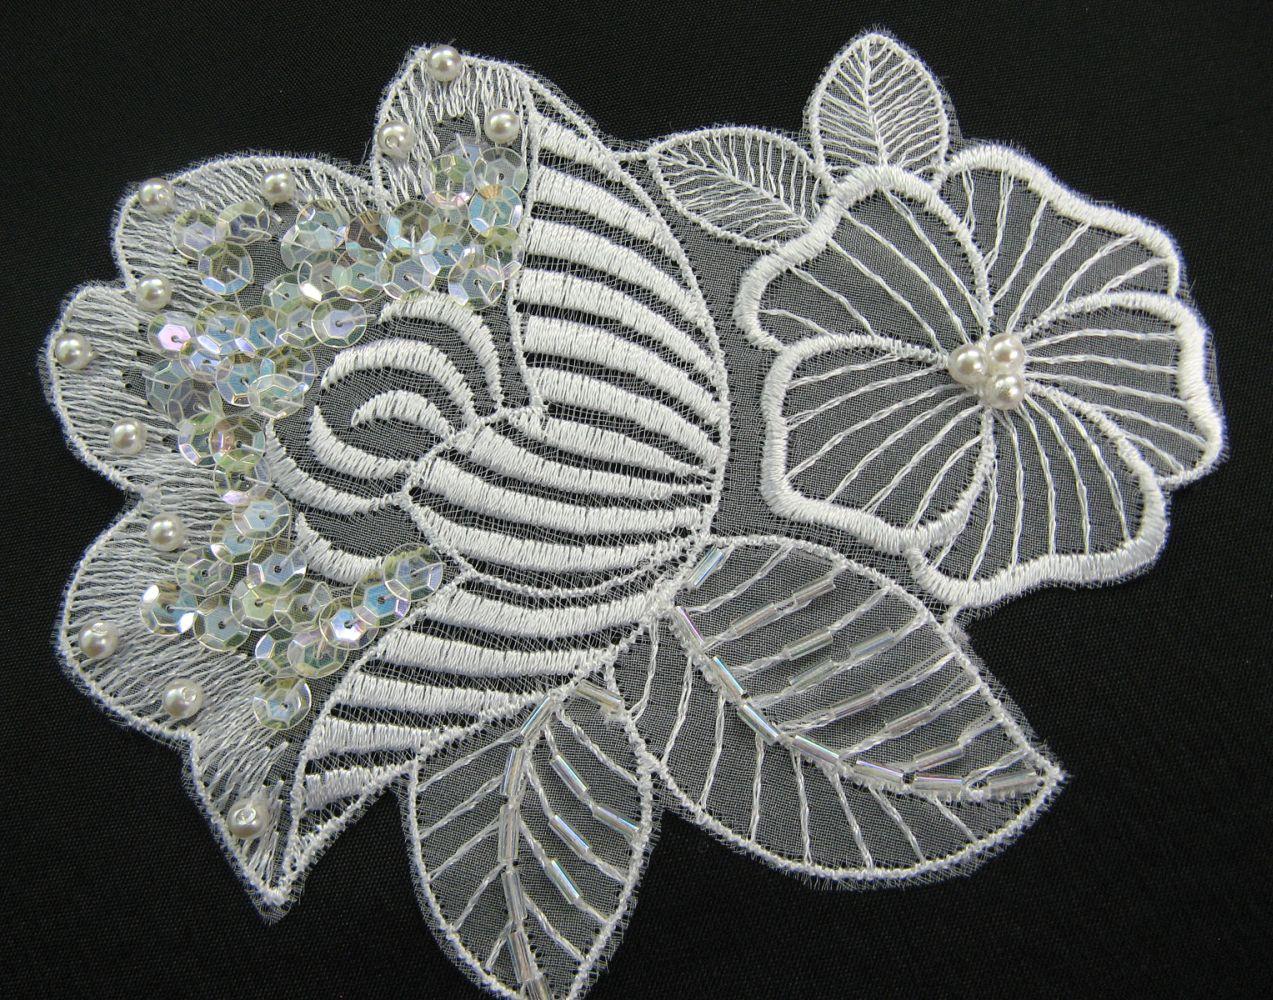 Blume, Stickerei auf Organza, mit Perlen und Pailletten 11x13 cm